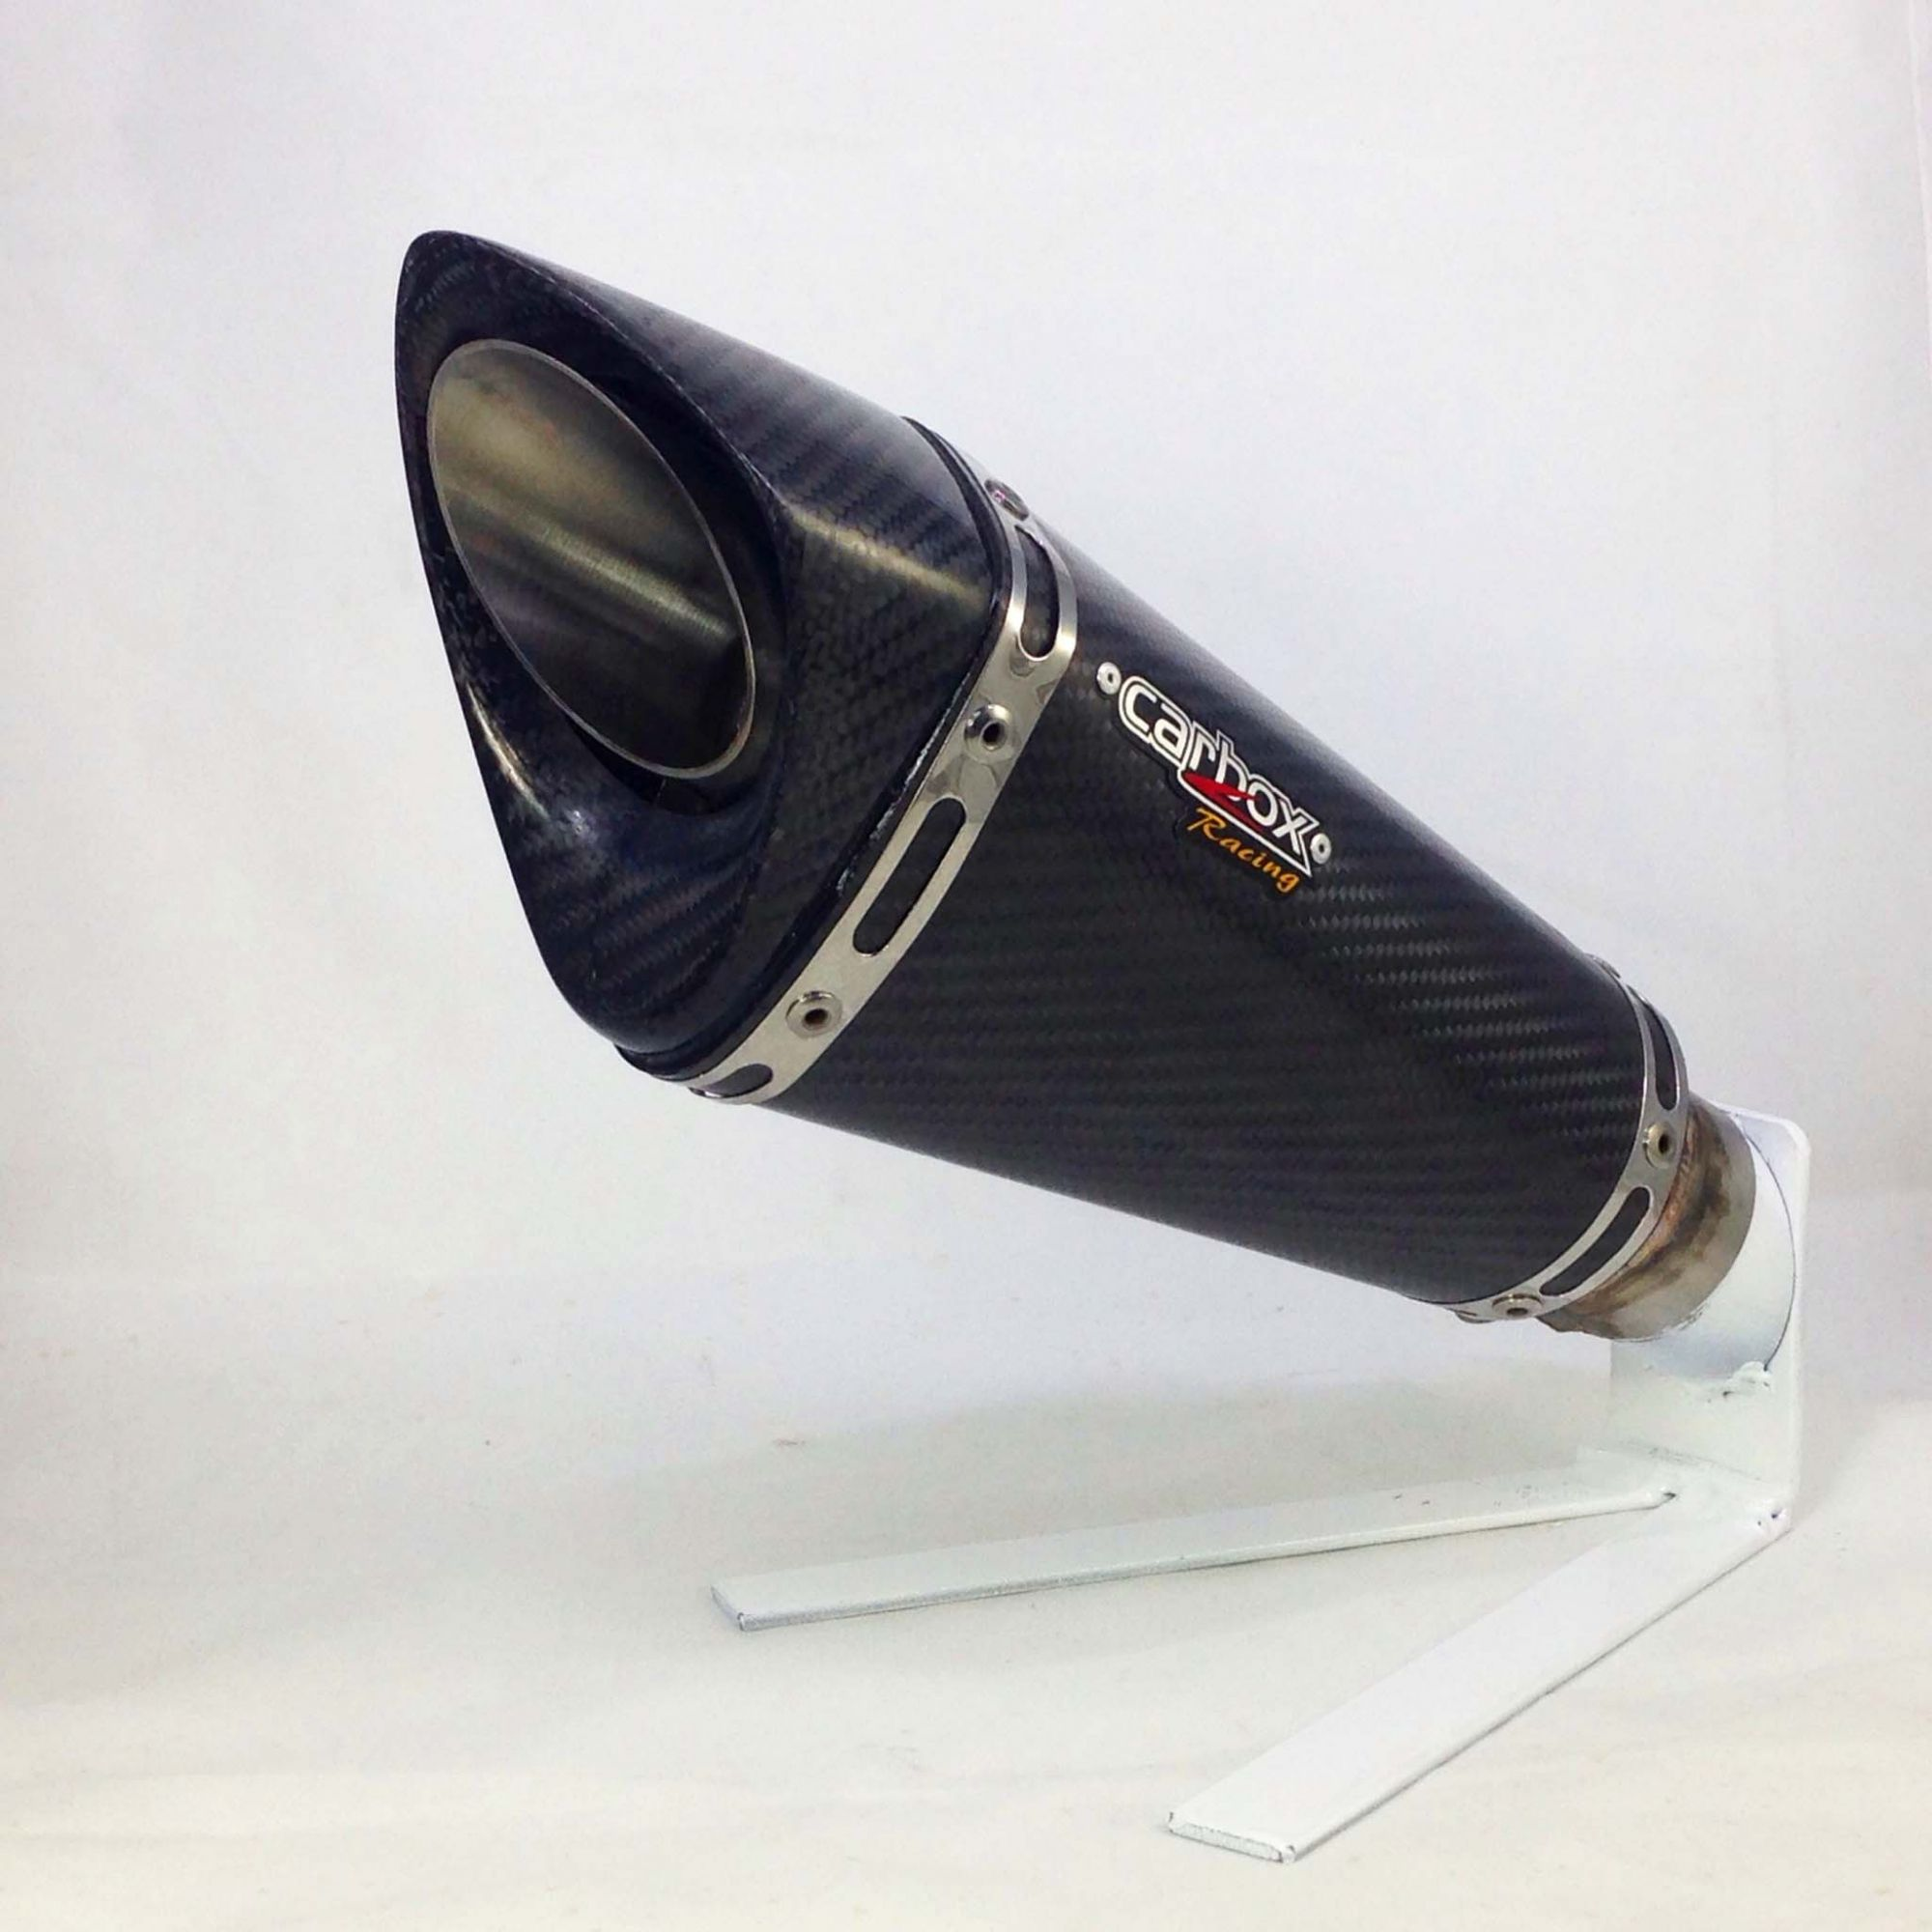 Ponteira Escapamento Scorpion Gp720 Carbon Cbr1000rr Carbox